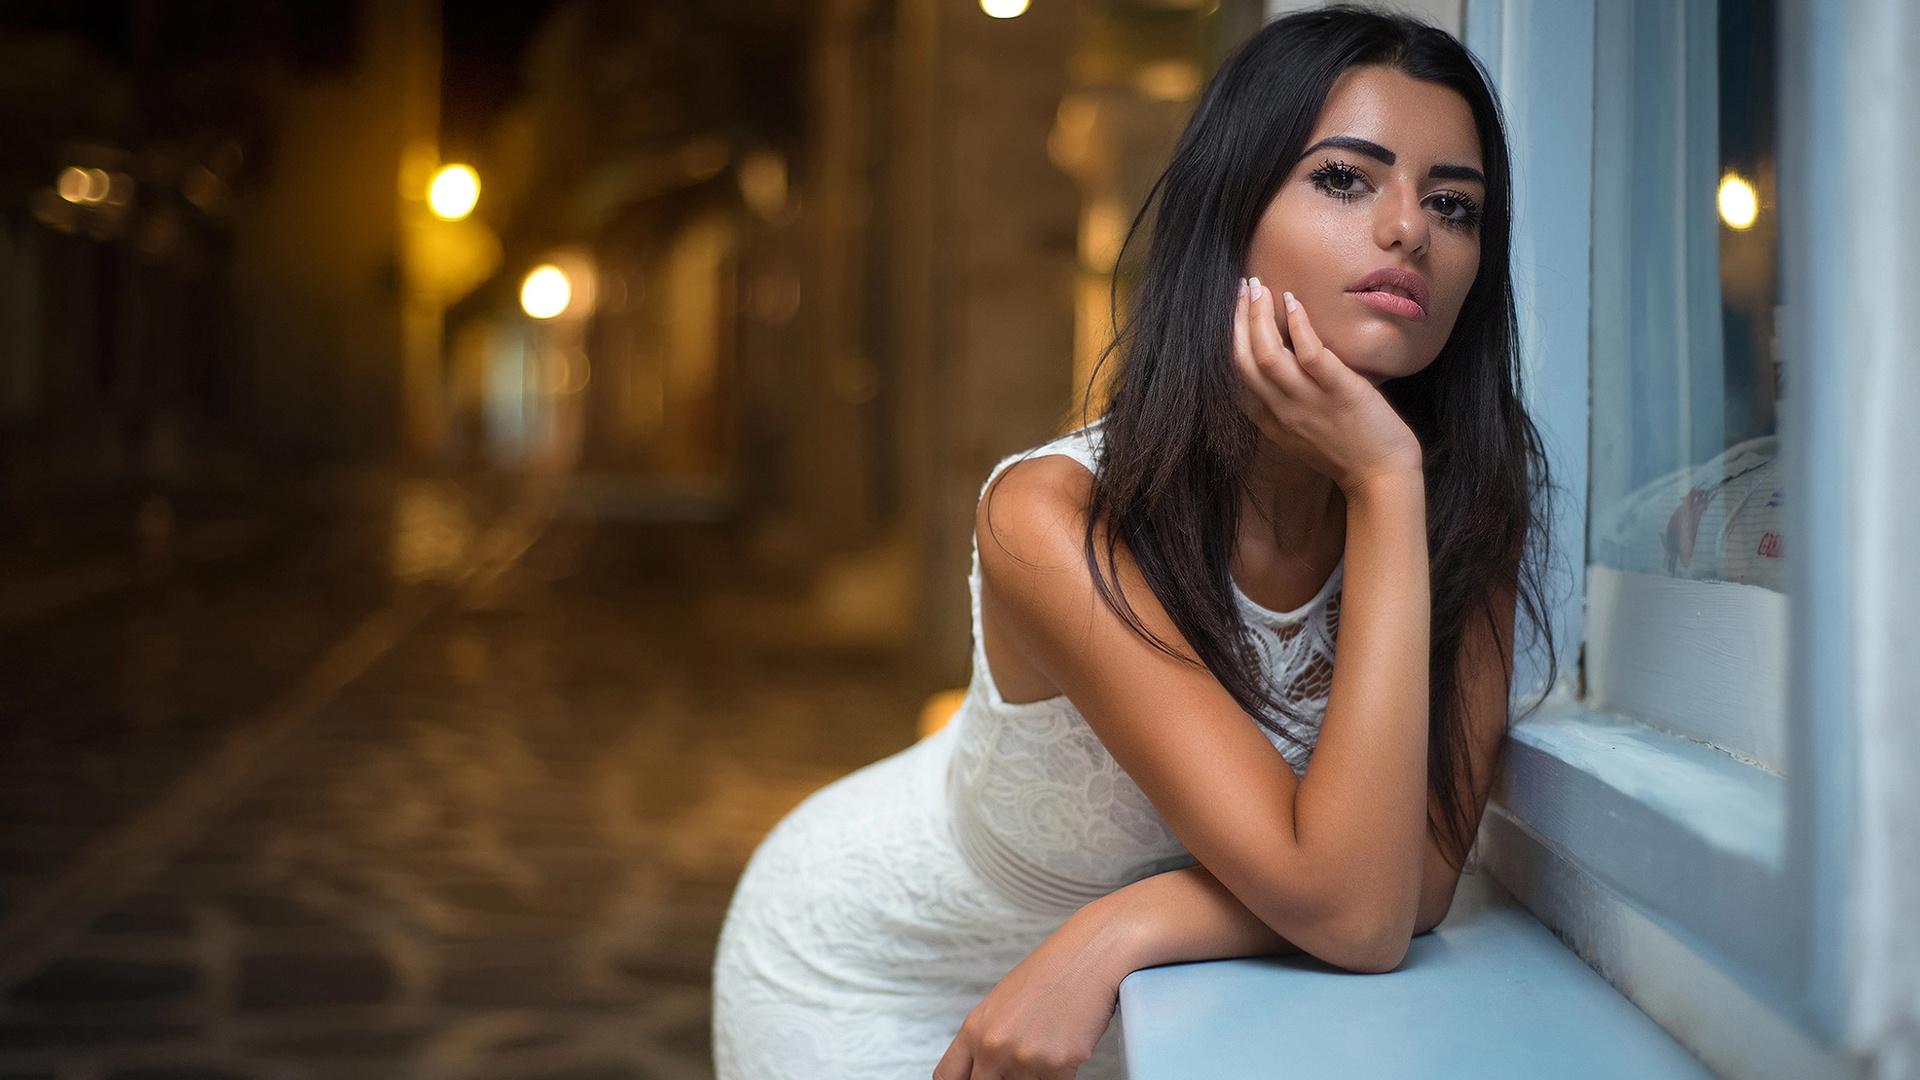 Фото красивой девушки брюнетки 10 фото, Длинноногие брюнетки (66 фото) 1 фотография